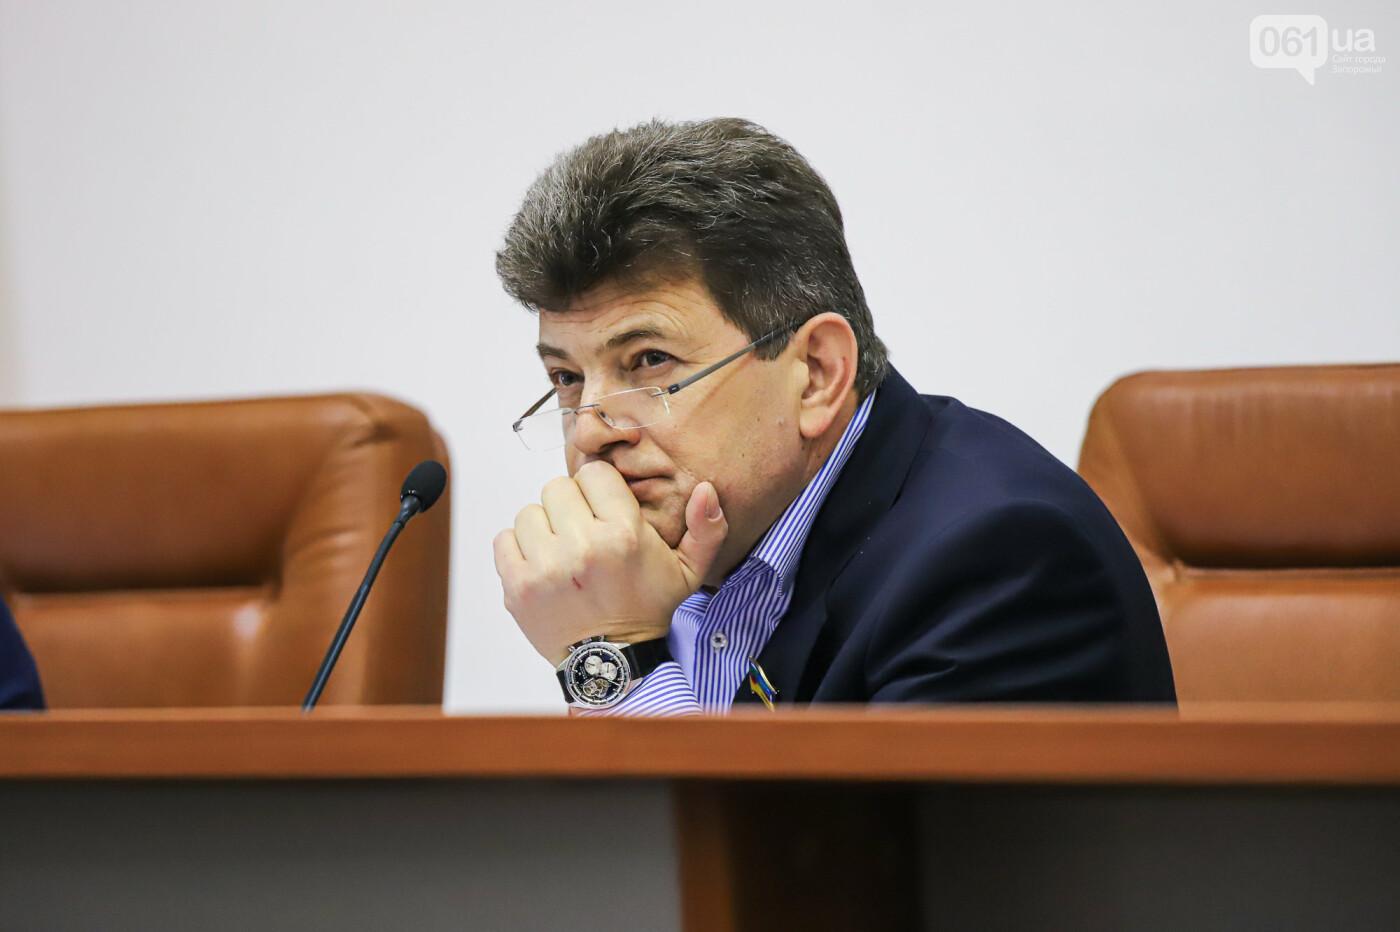 Местные выборы 2020: кто будет бороться за кресло мэра Запорожья, фото-1